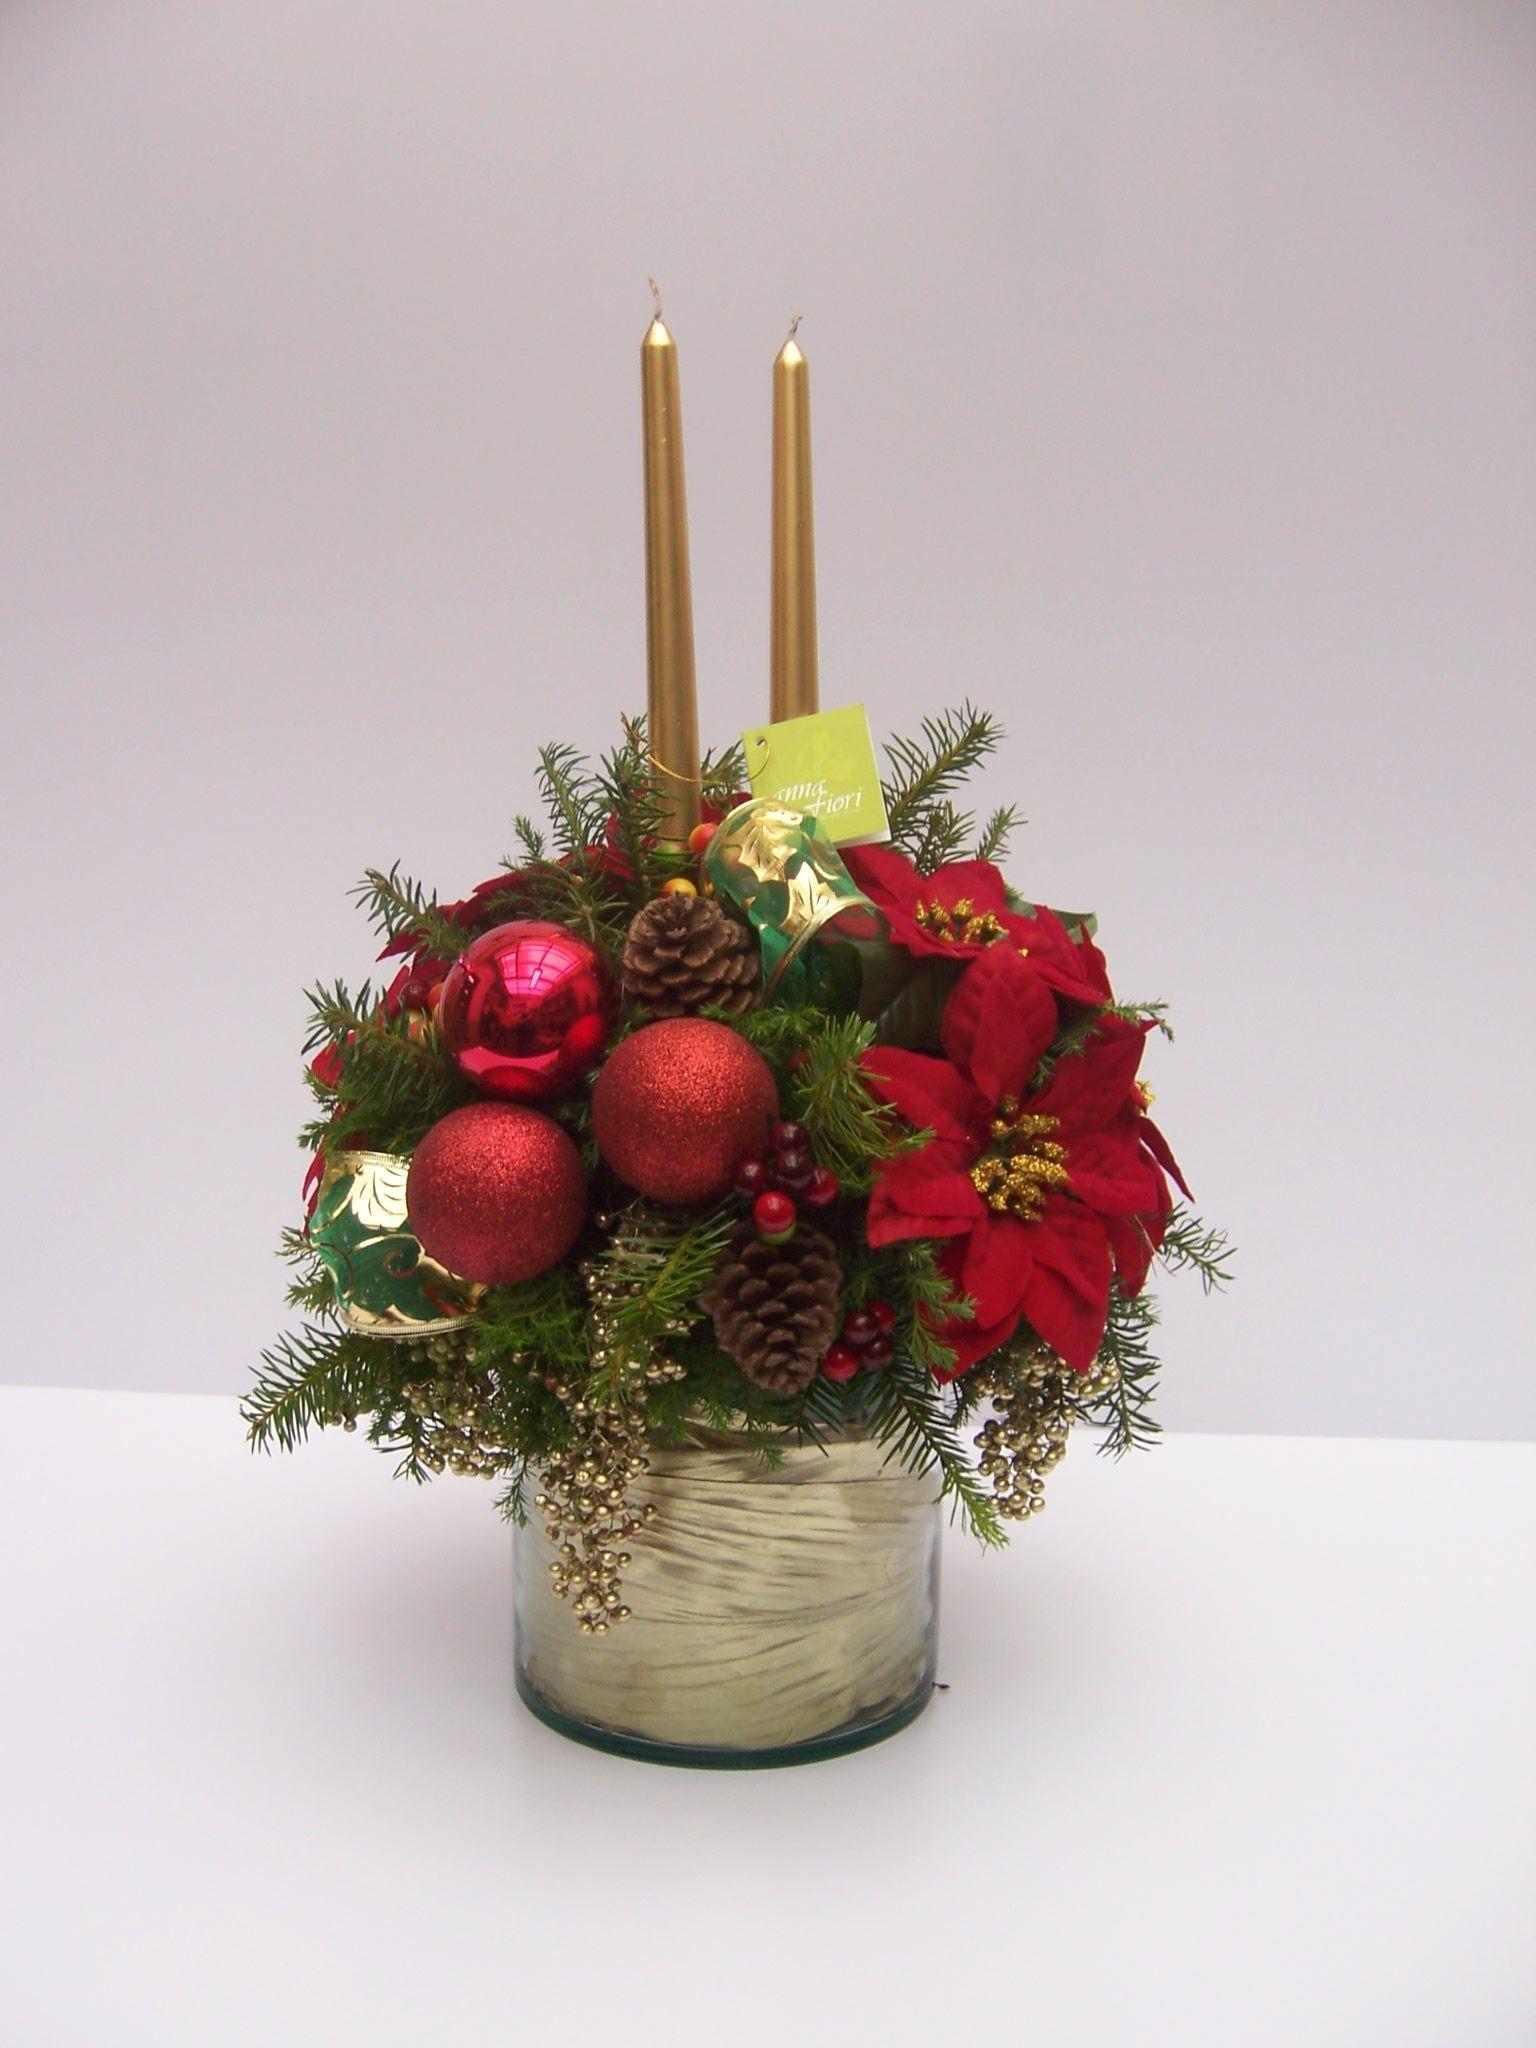 Centro de mesa para navidad con velas pinteres - Como hacer centros de navidad con pinas ...